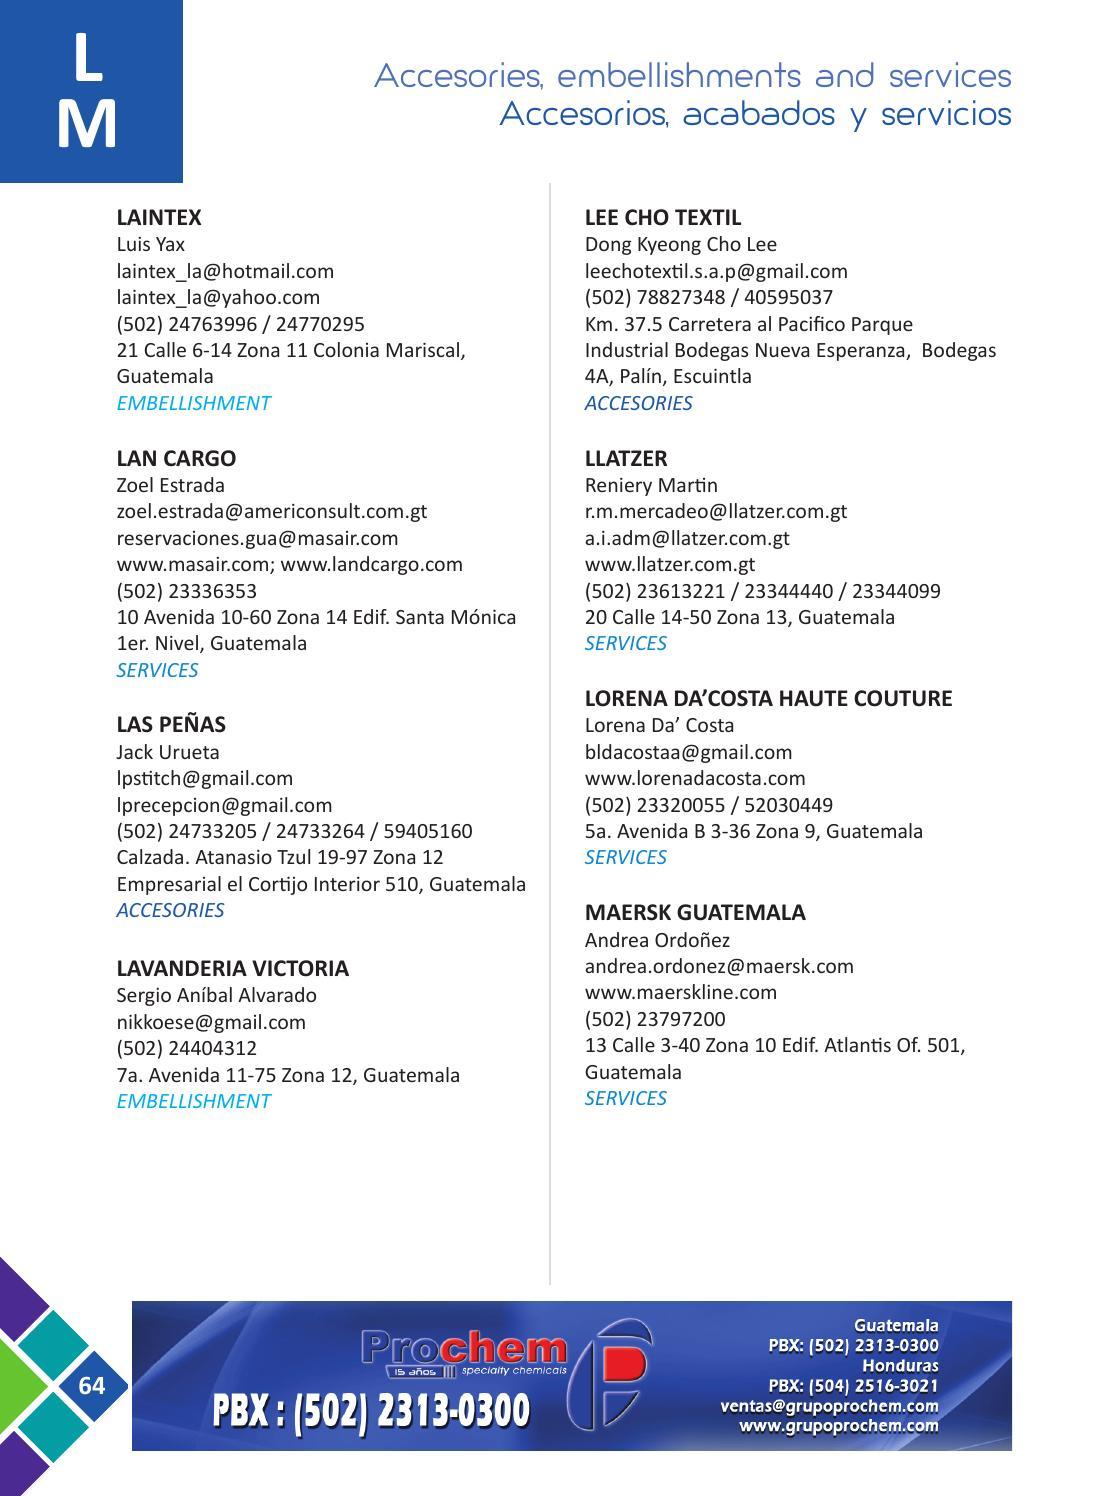 Directorio vestex 2016 by Bistrostudio - issuu